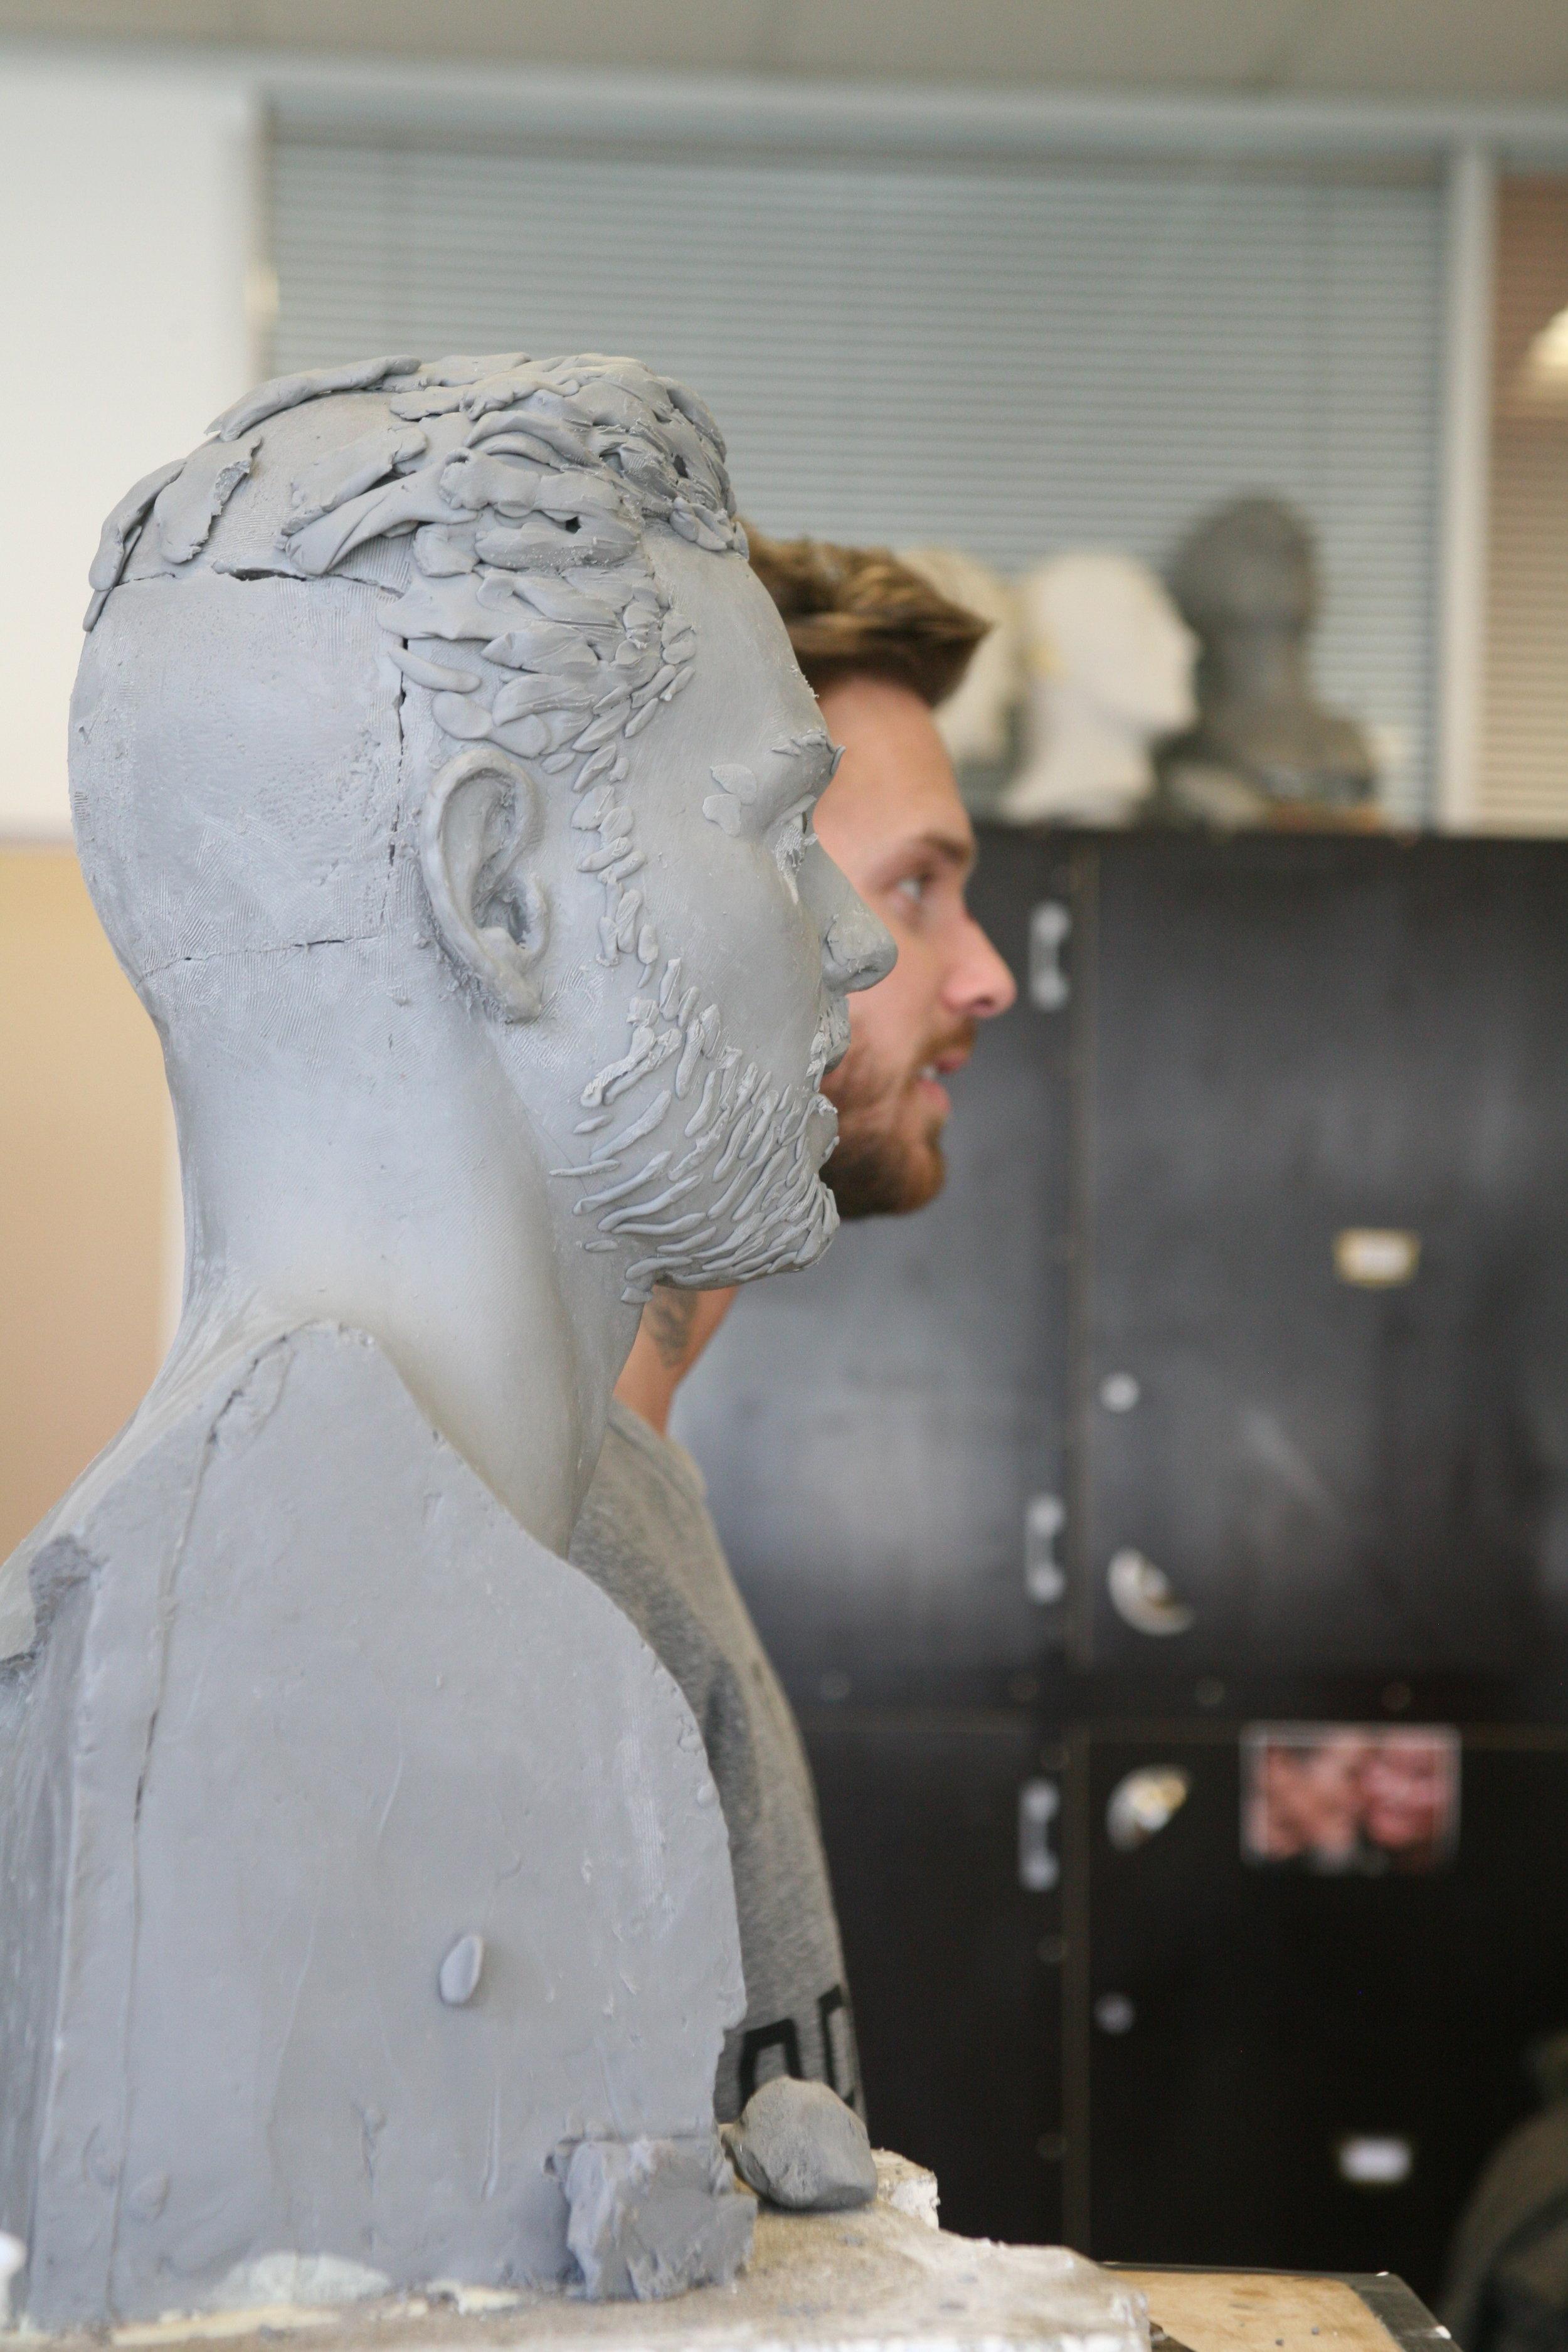 Matt Pokora - Clay sculpture by Eric Saint Chaffray - Credit Musée Grévin